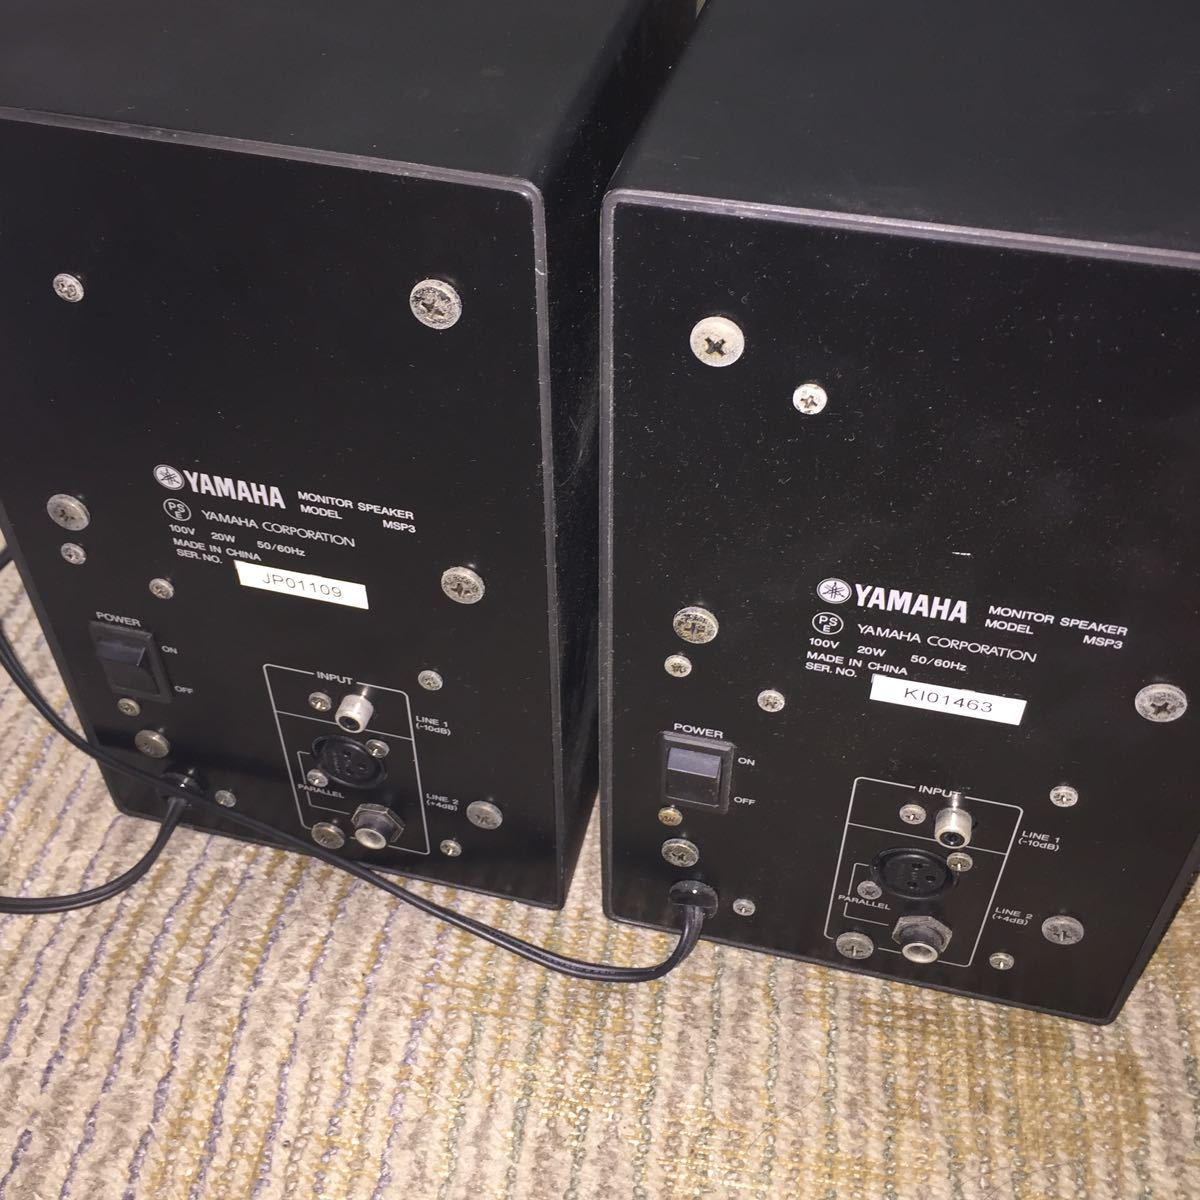 YAMAHA MSP3 パワードモニター スピーカー 完動美品_画像2